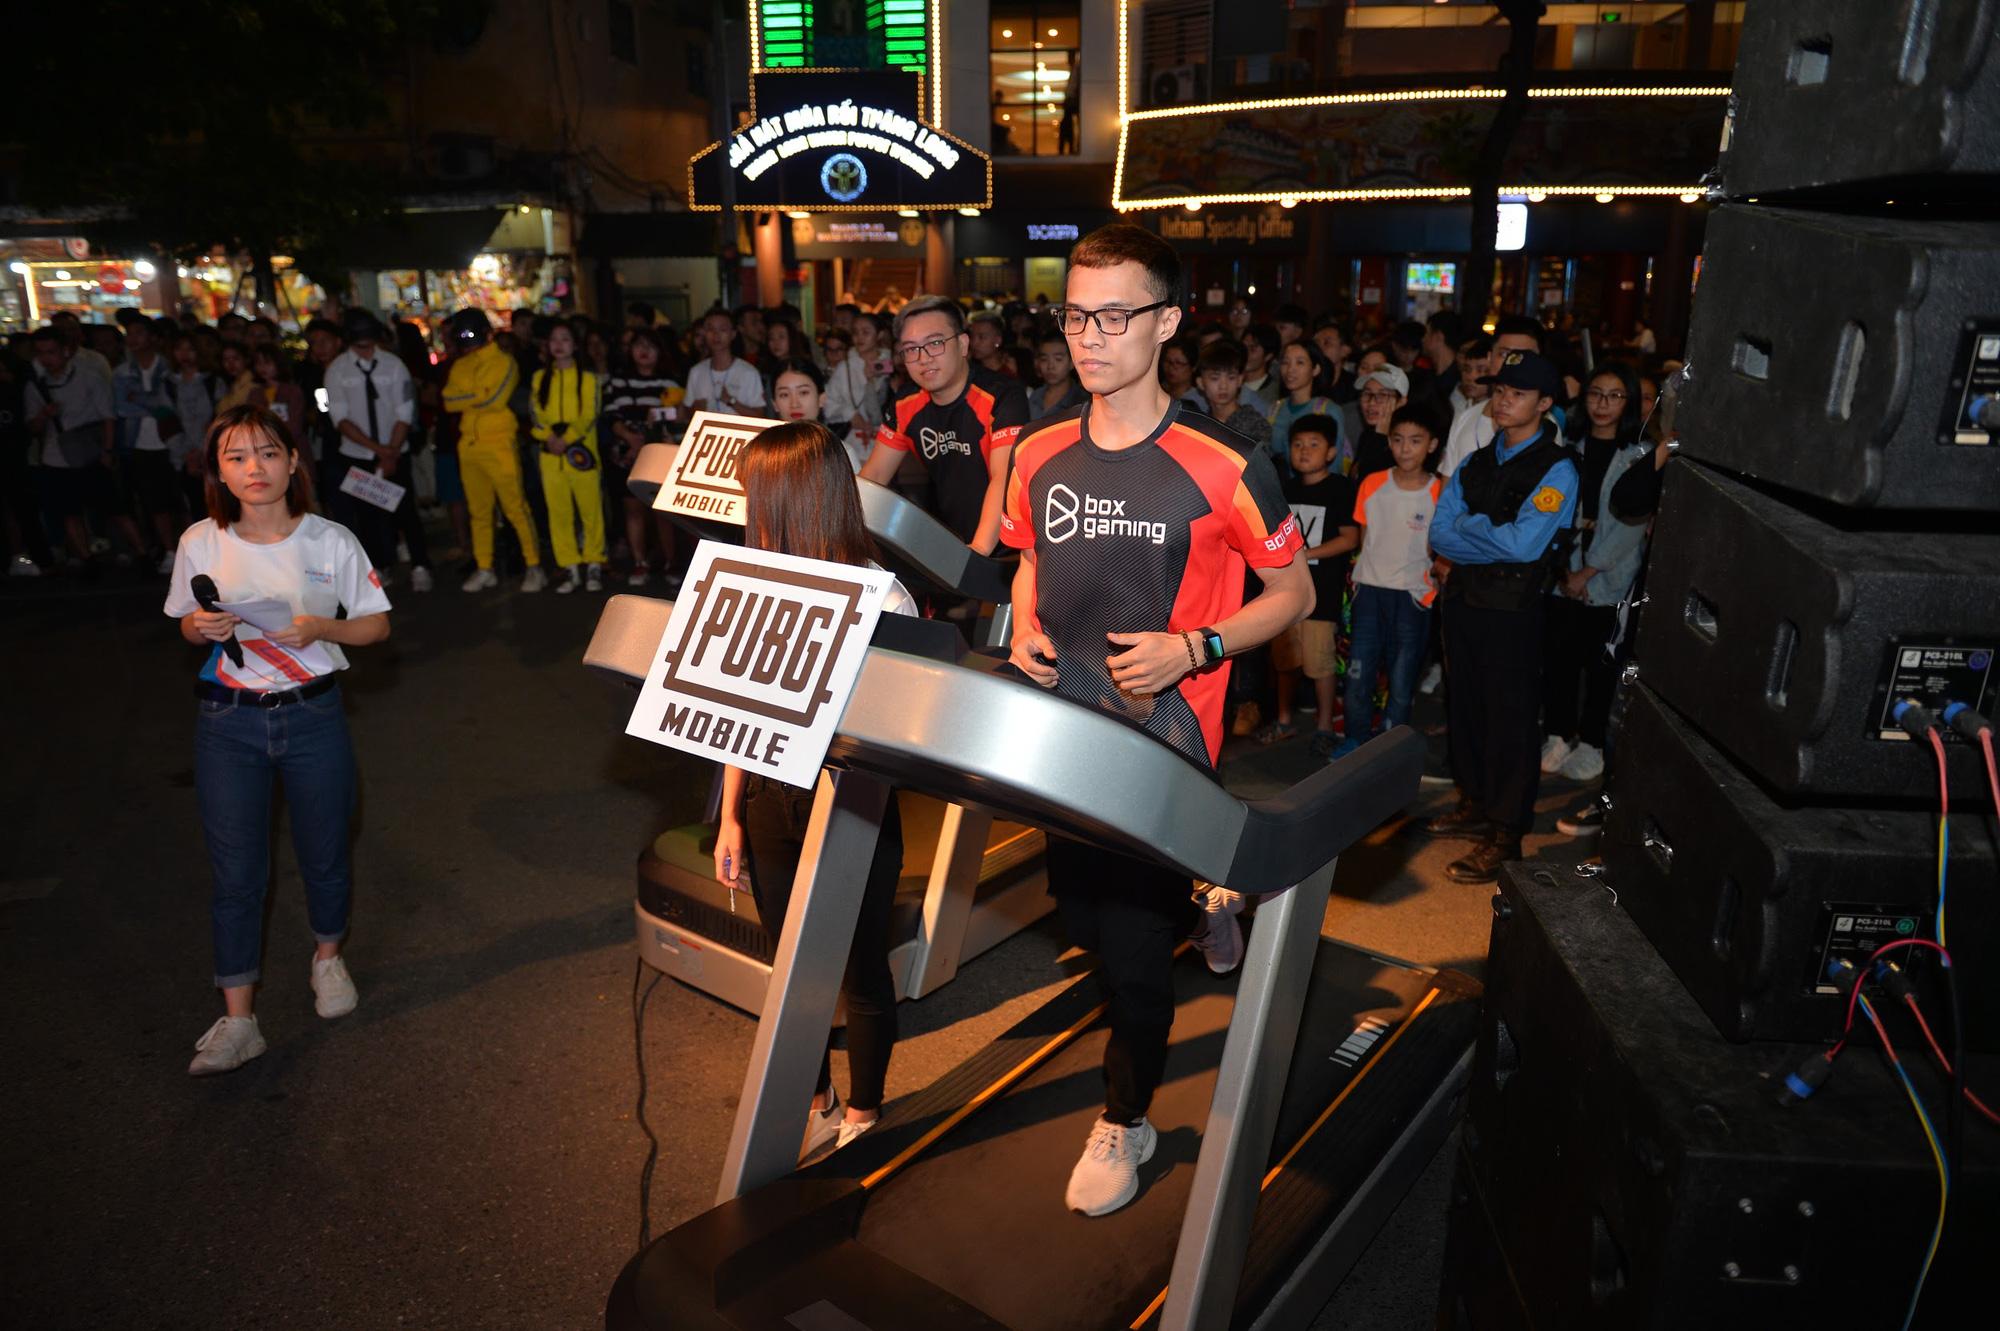 Box Gaming, Ngân Sát Thủ cùng dàn streamer hội tụ tại sự kiện gây quỹ từ thiện PUBG MOBILE SPRINT - Chạy bo vì cộng đồng - Ảnh 5.